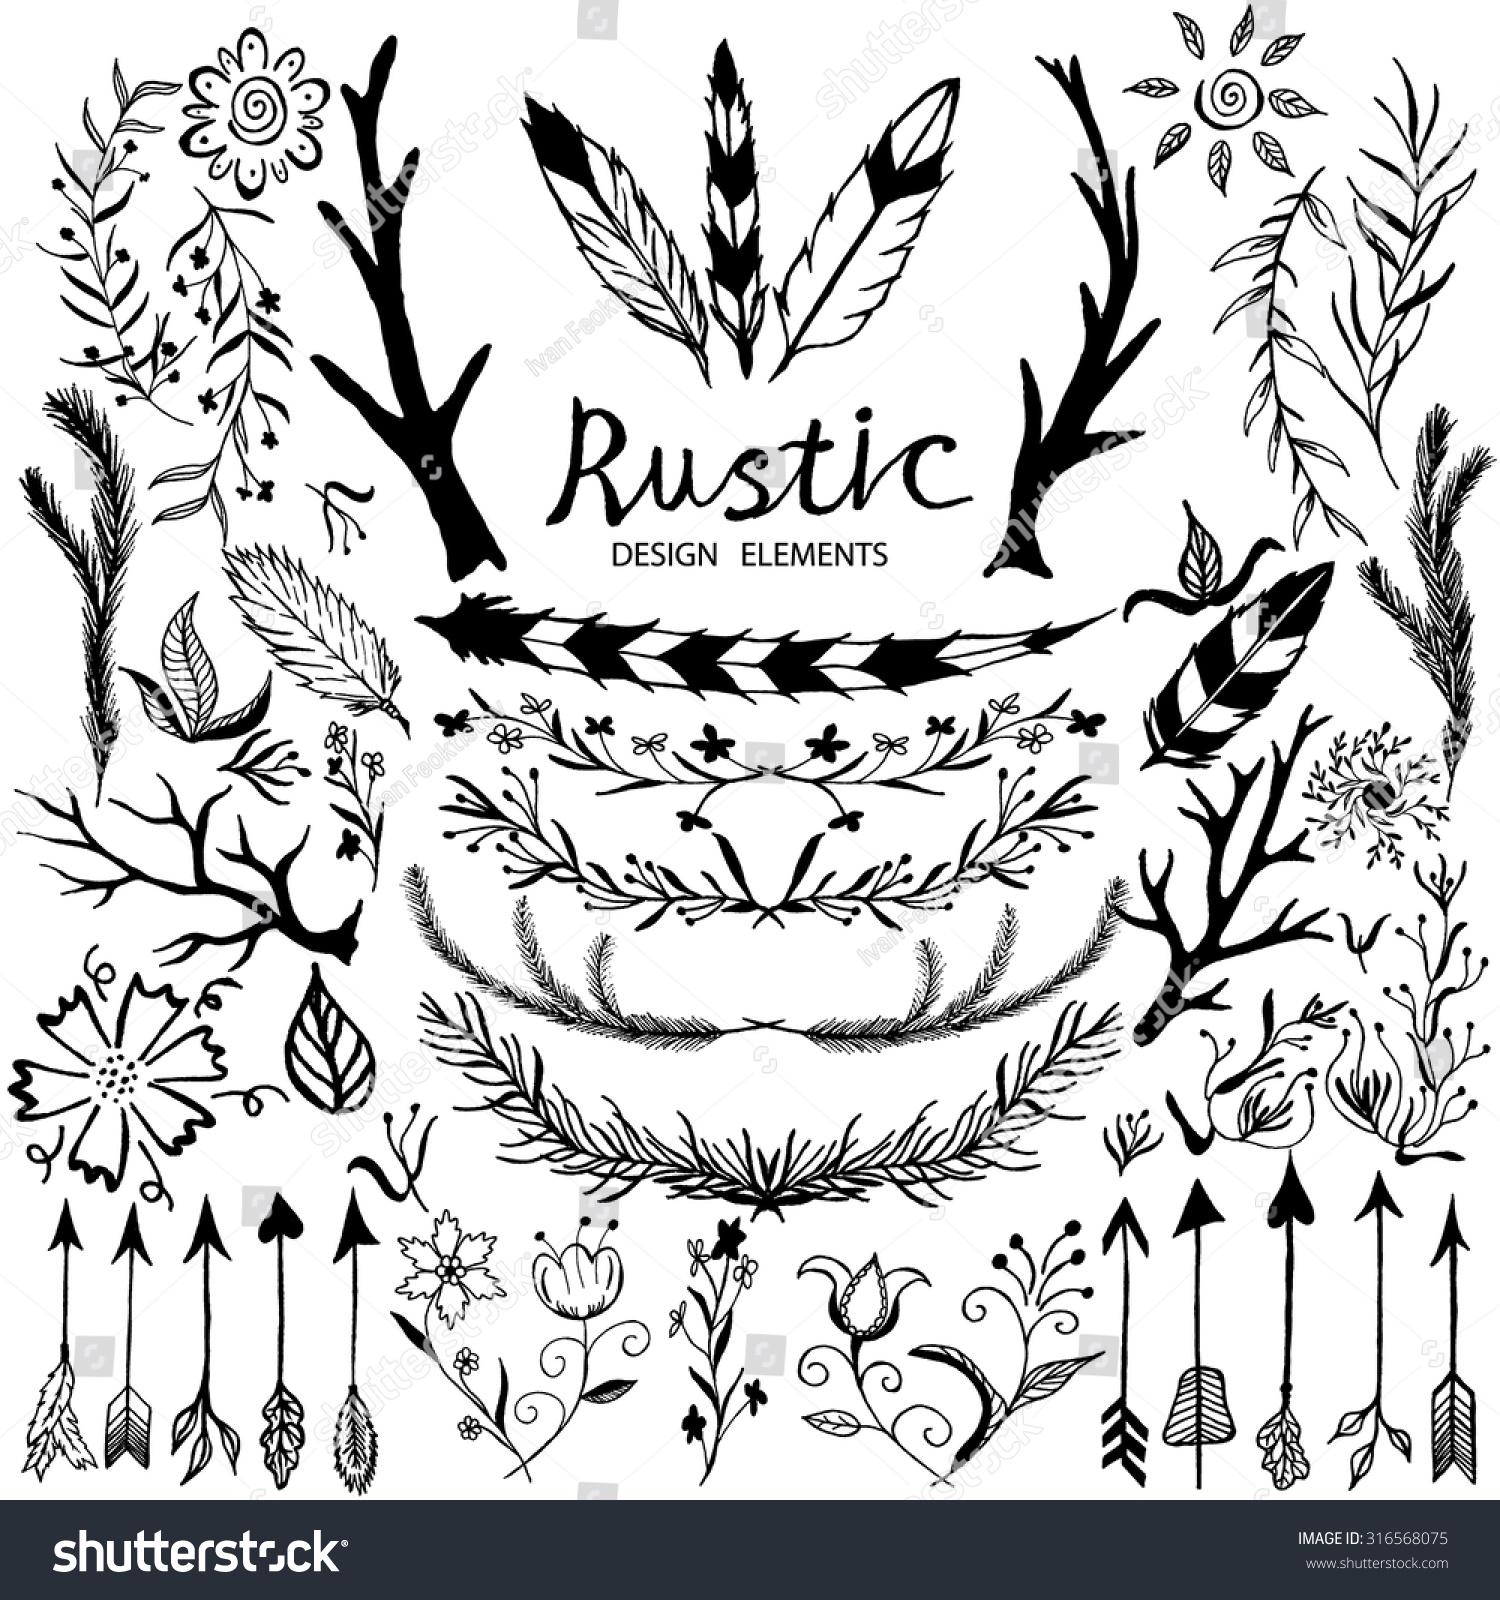 Set Of Black Flower Design Elements Vector Illustration: Handdrawn Vector Floral Design Elements Rustic Stock